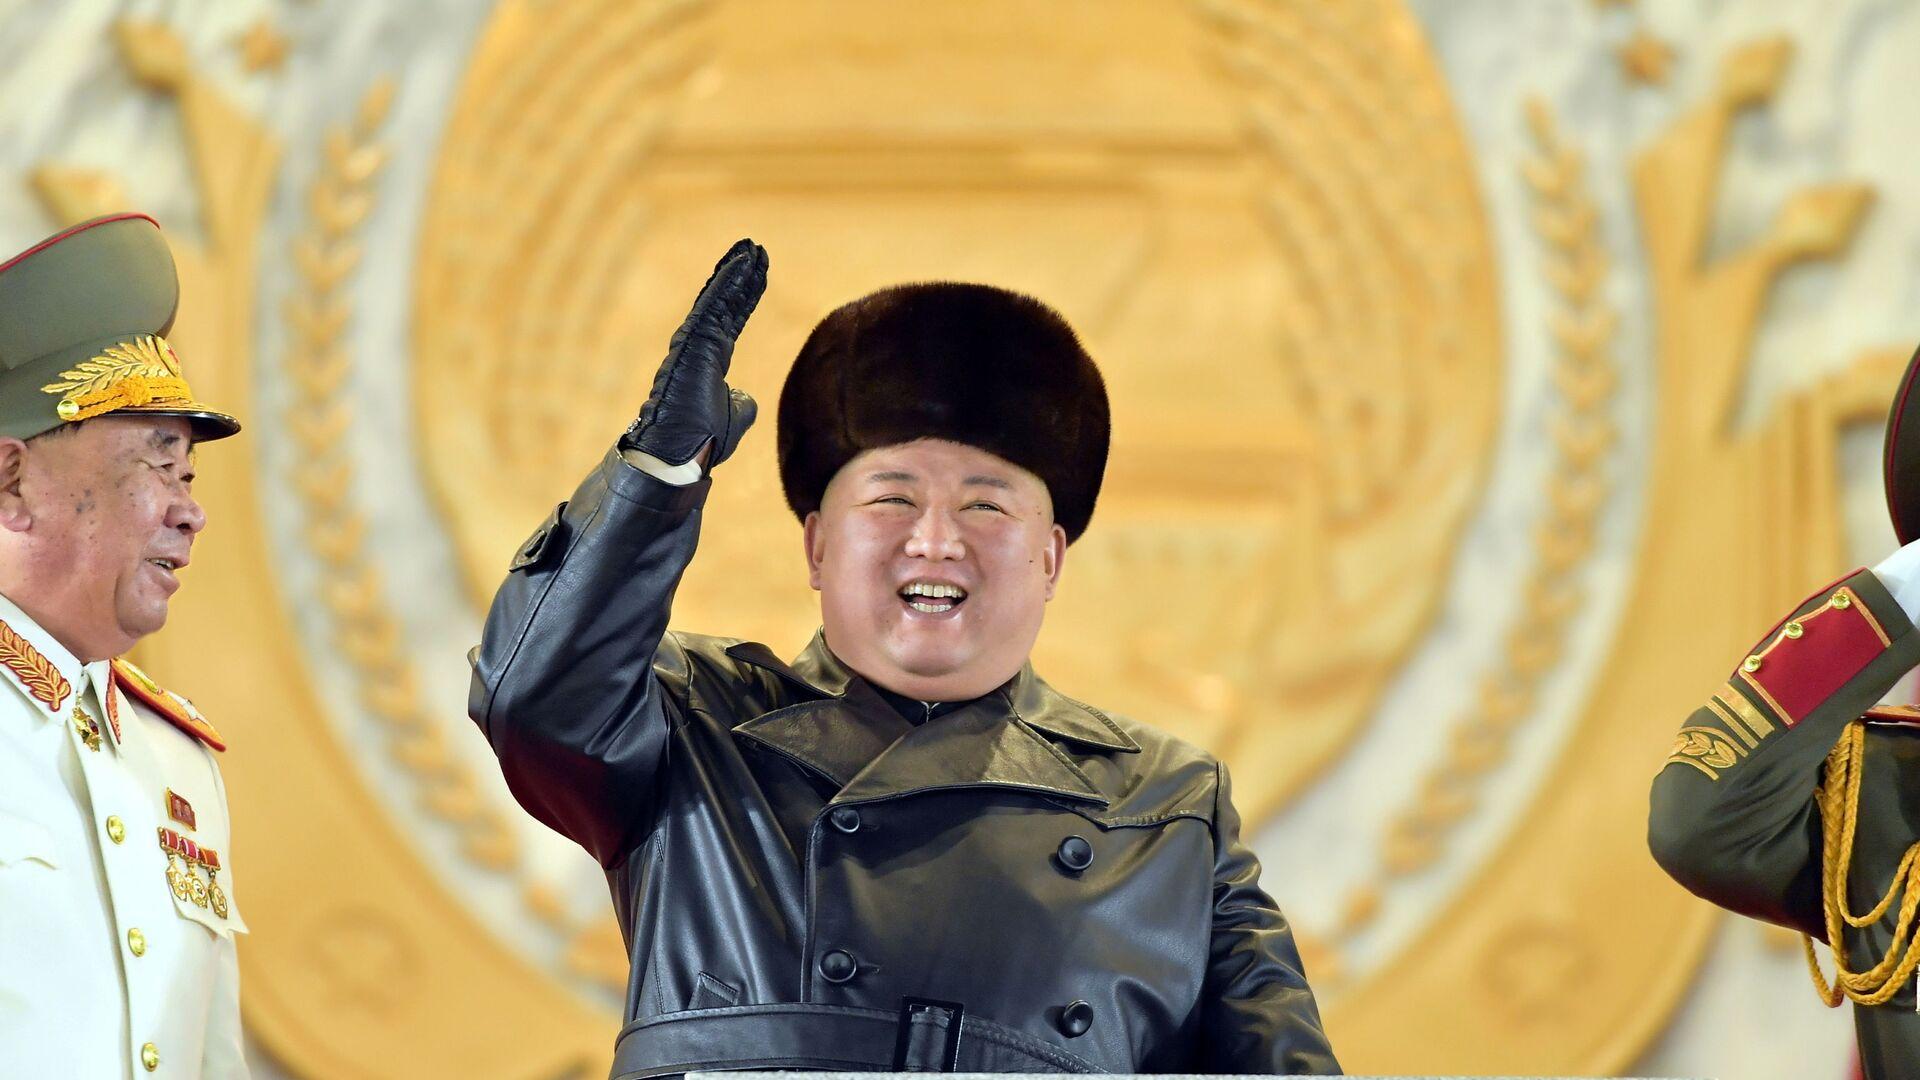 Kuzey Kore'de askeri geçit töreni - Sputnik Türkiye, 1920, 01.02.2021